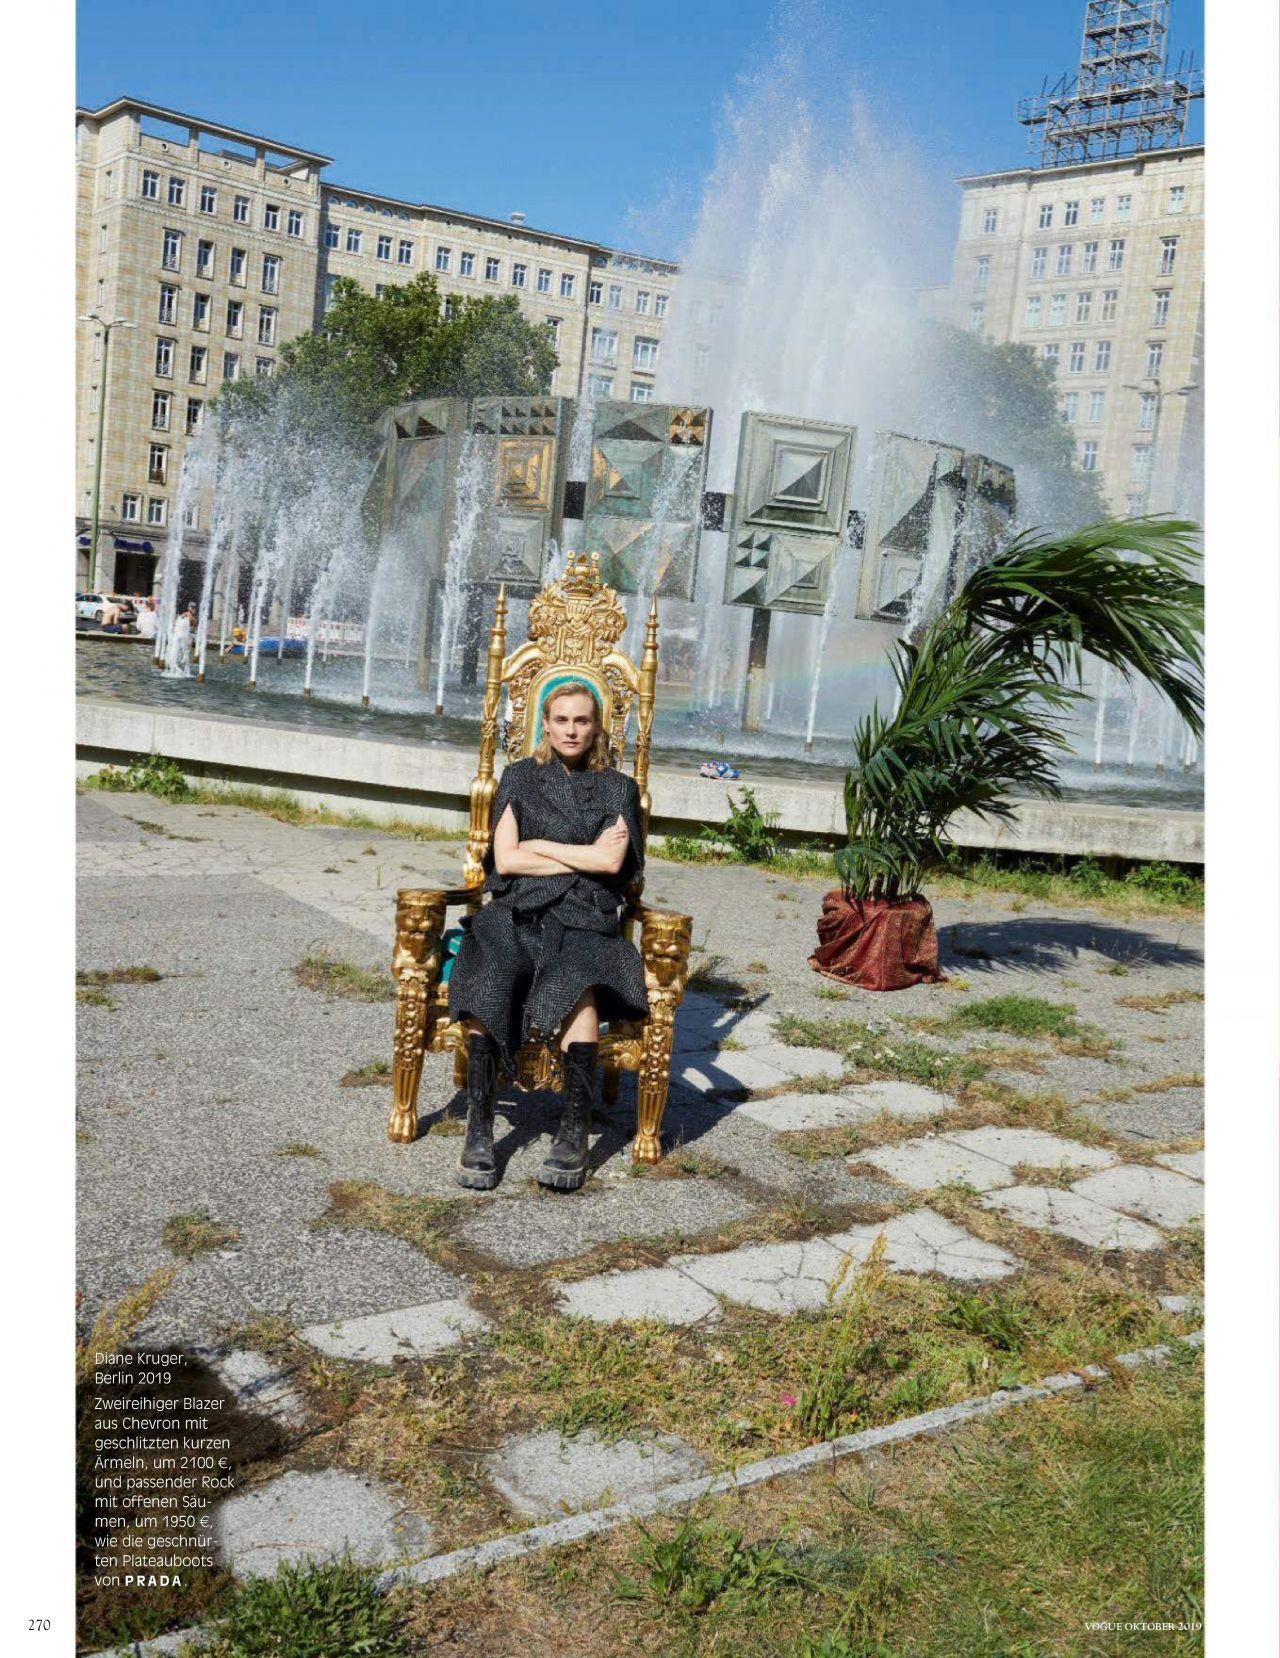 Диана Крюгер купается в фонтане в съемке немецкого Vogue (фото 2)